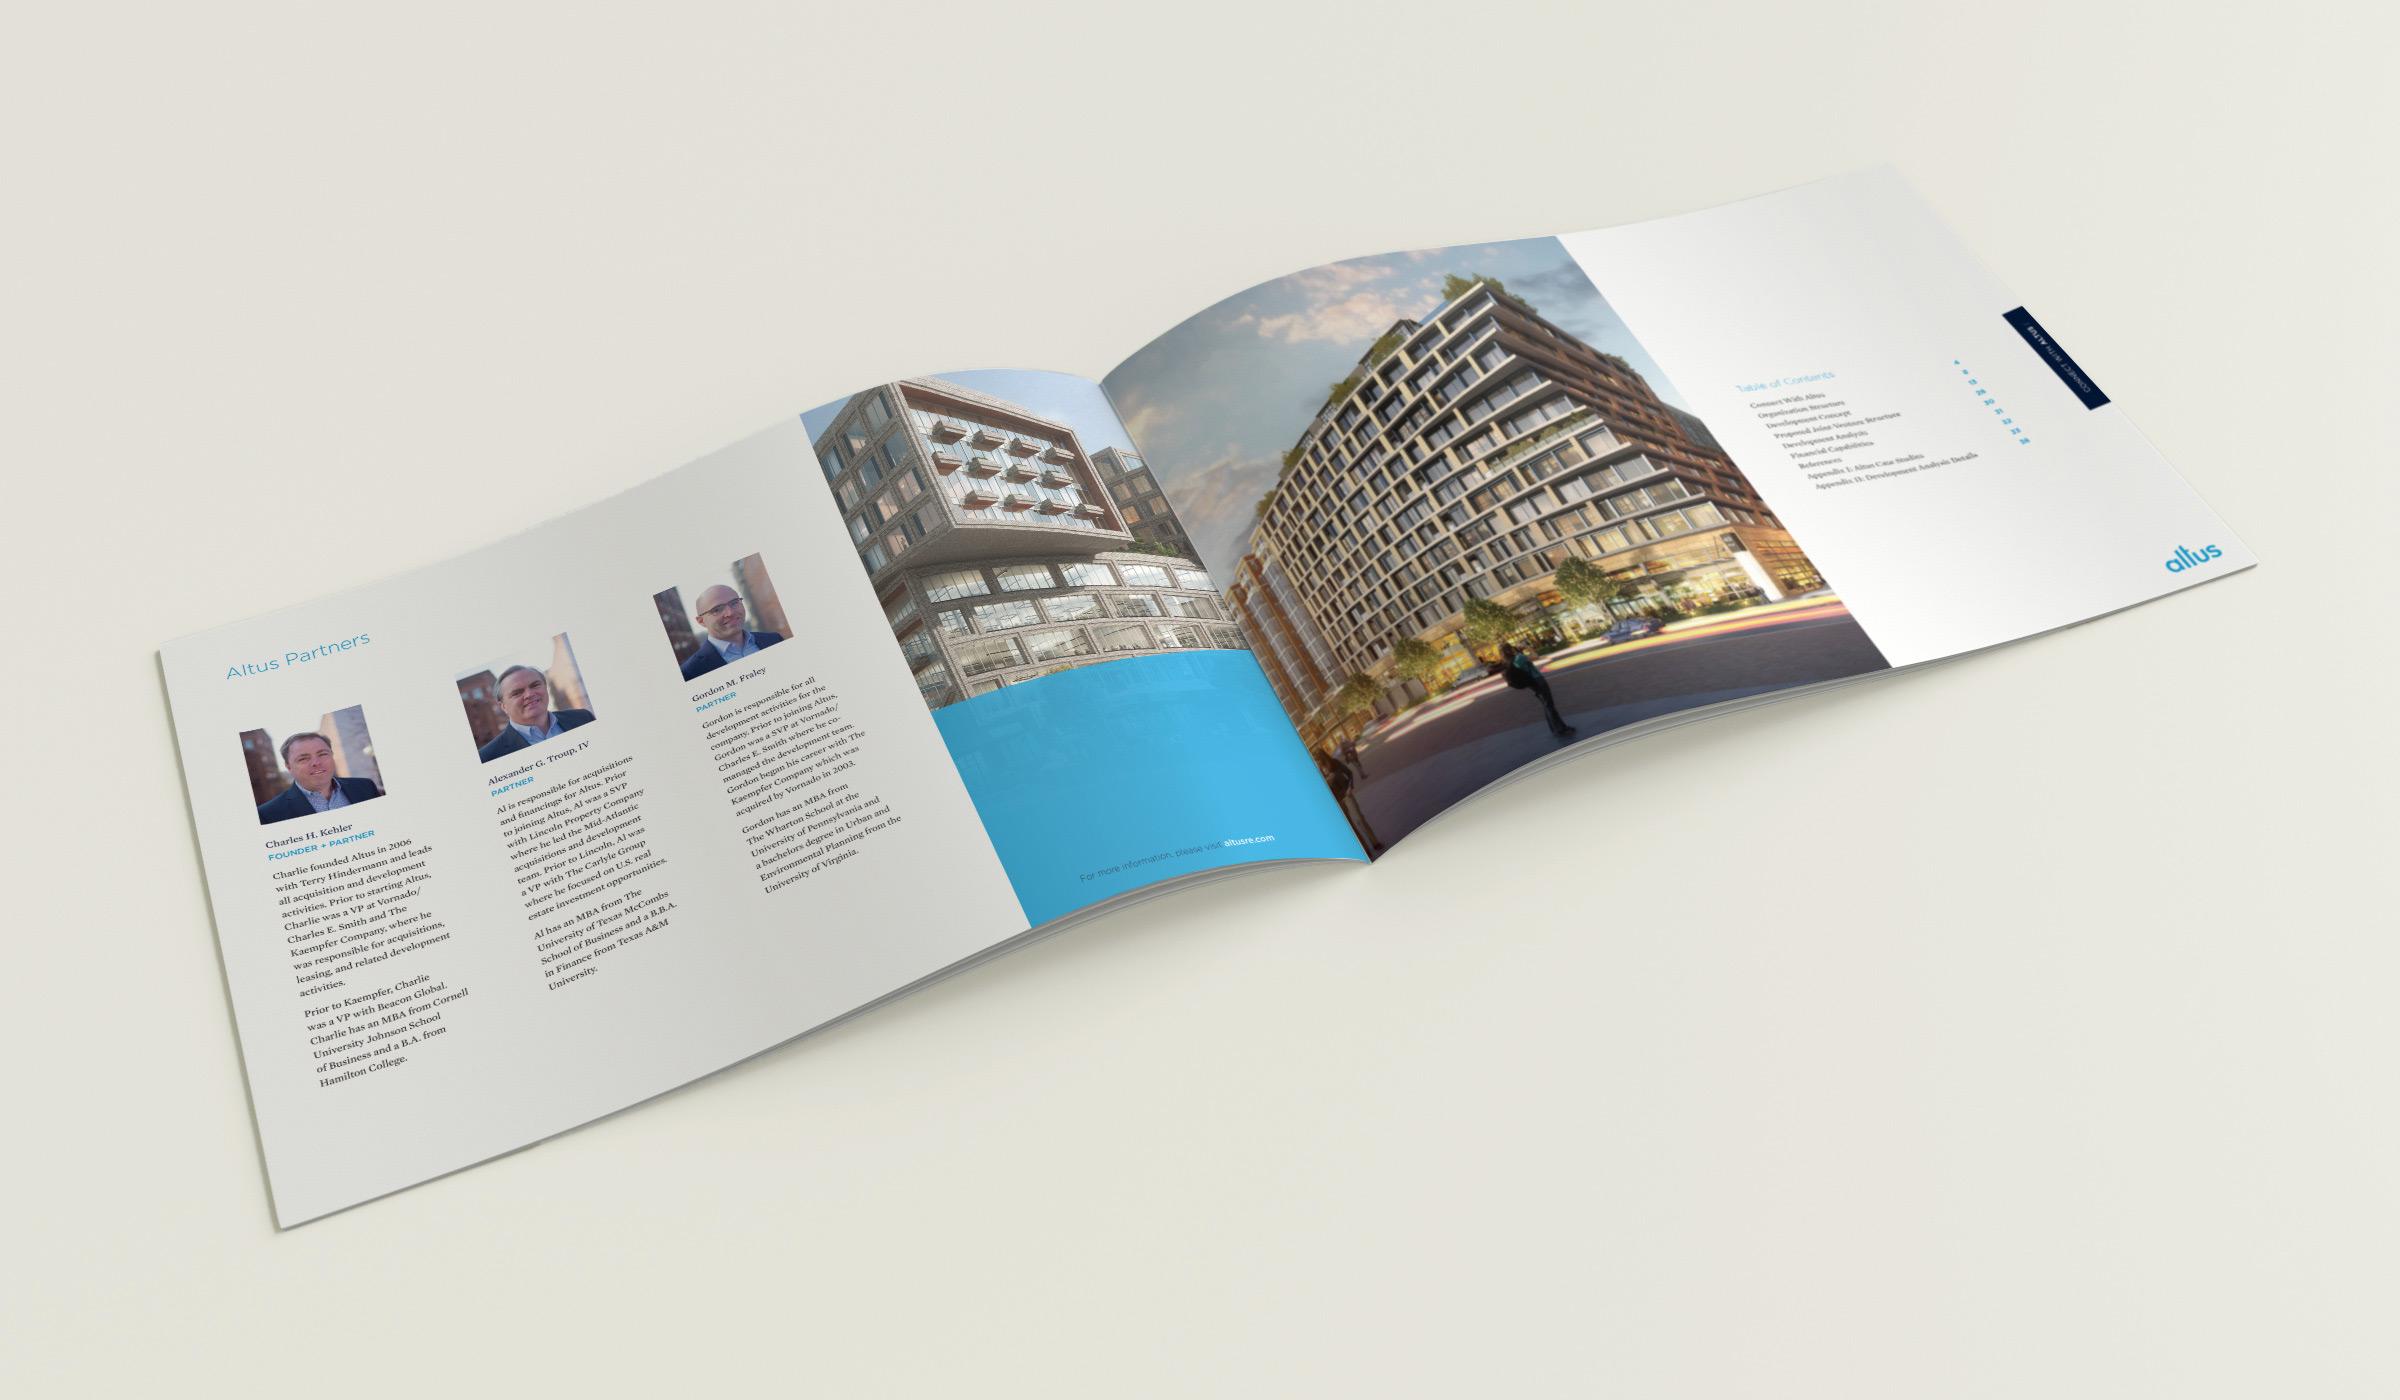 horizontal_book_2.jpg